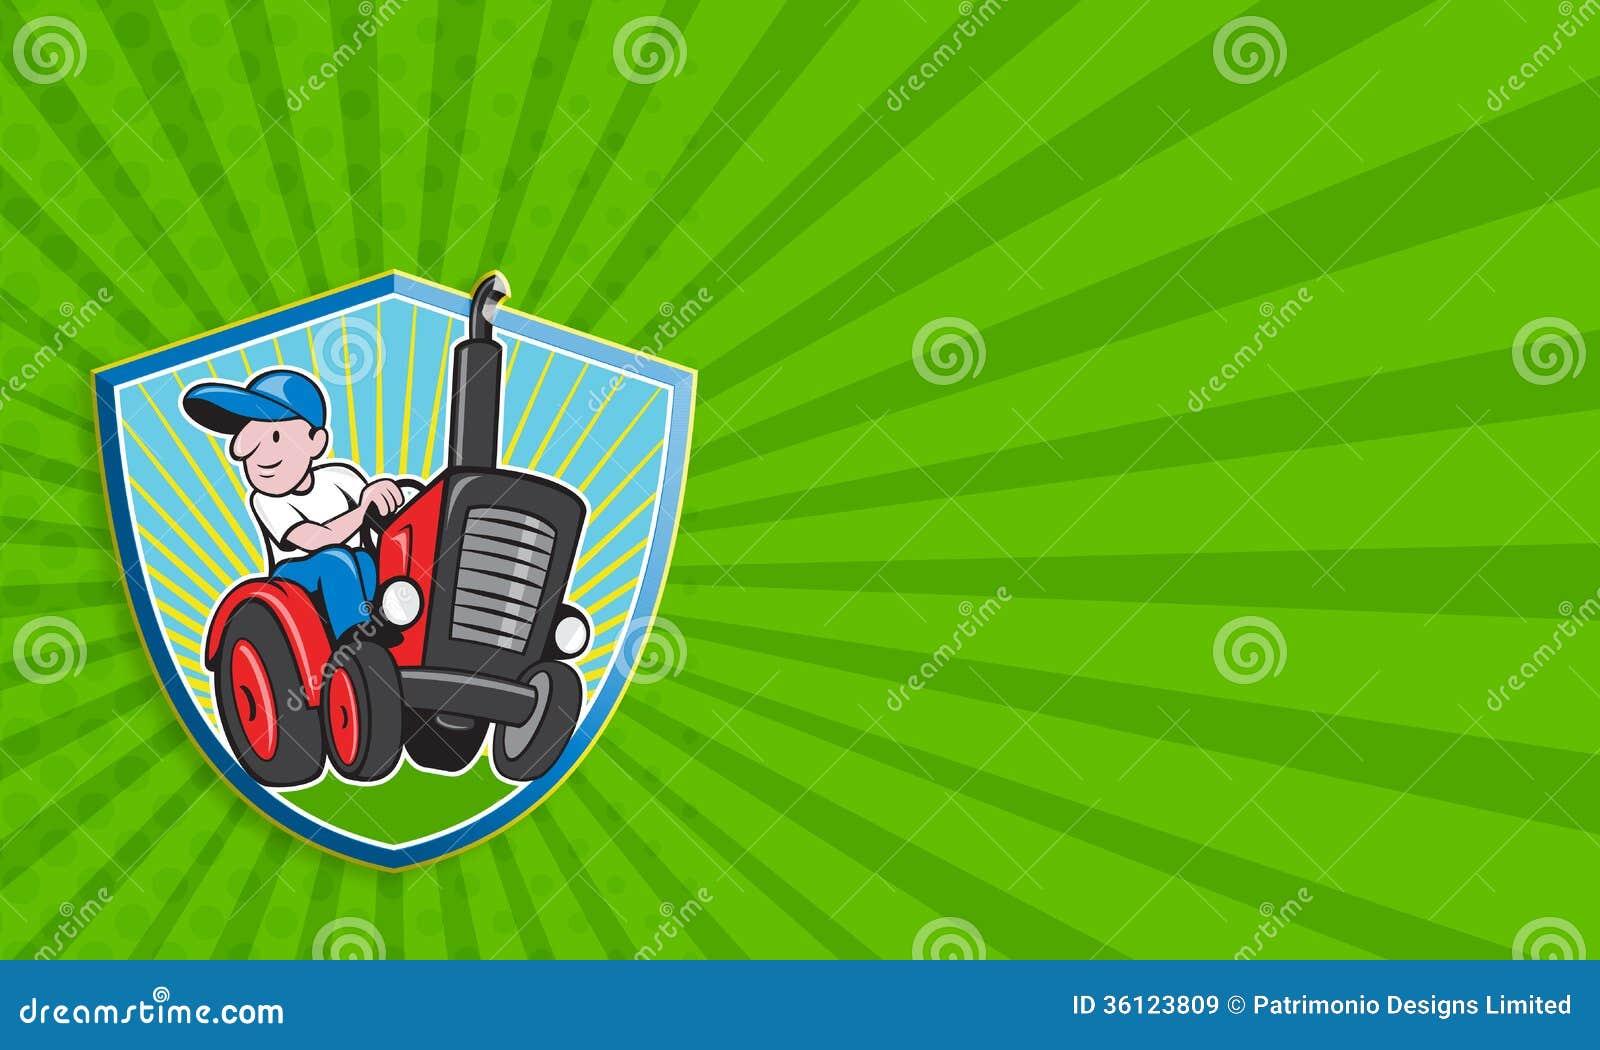 Farmer Driving Vintage Tractor Cartoon Stock Illustration